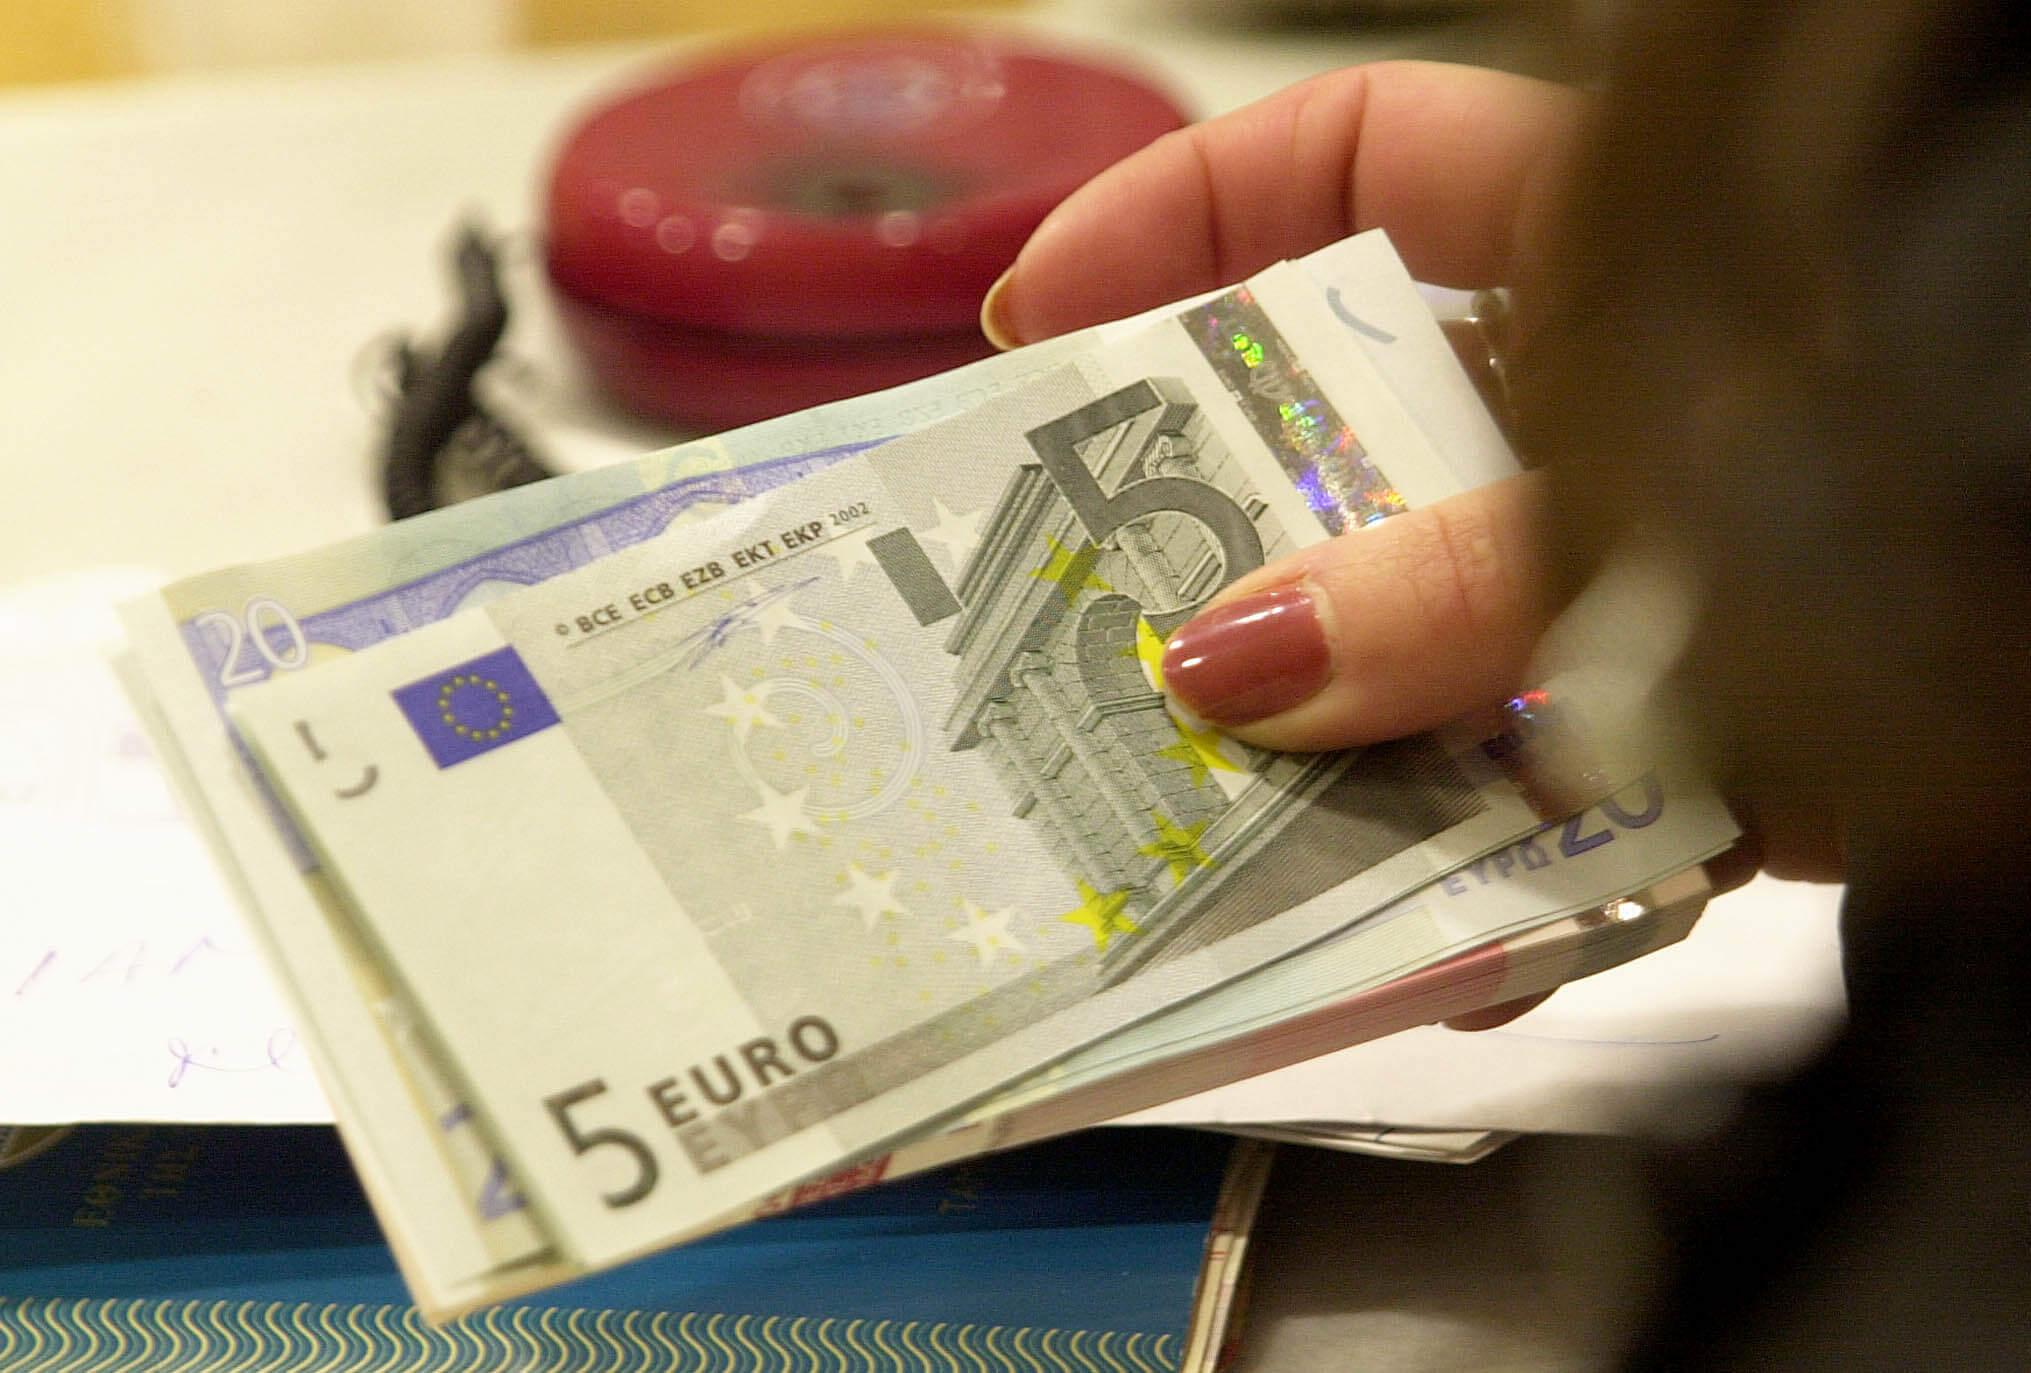 «Επίδομα» 600 ευρώ σε γιατρούς, δικηγόρους και άλλους 4 επιστημονικούς κλάδους